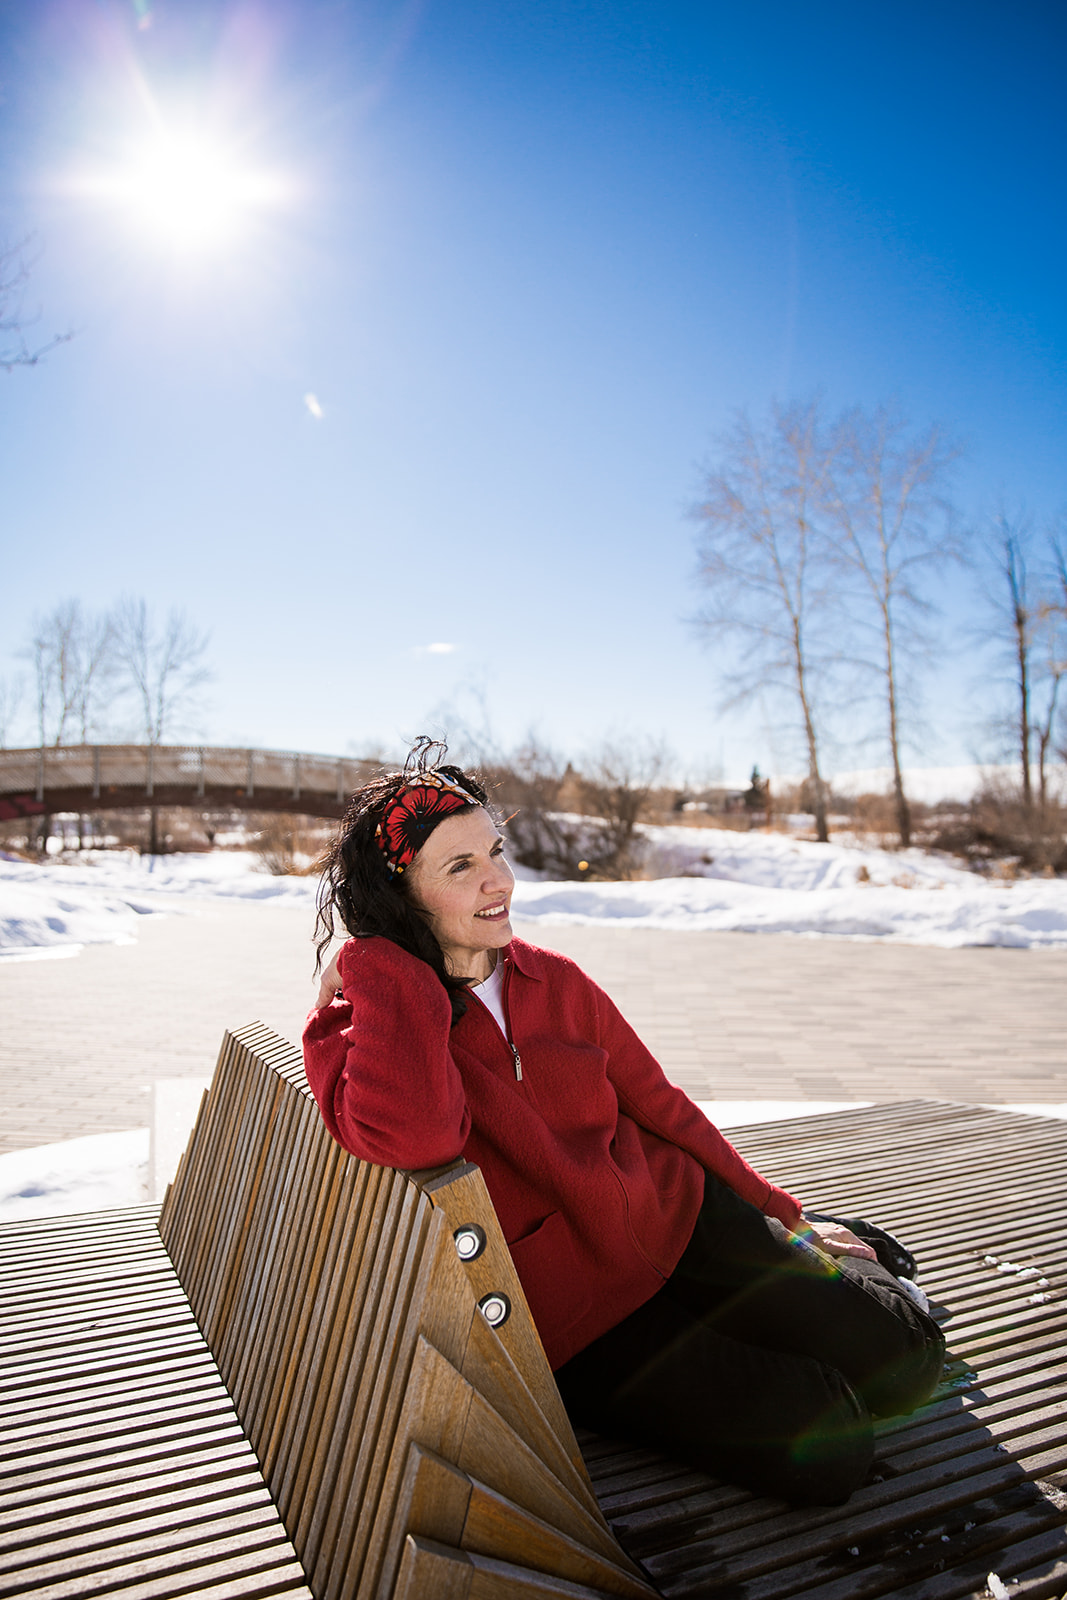 Calgary branding photographer, headshot at St patrick's Island